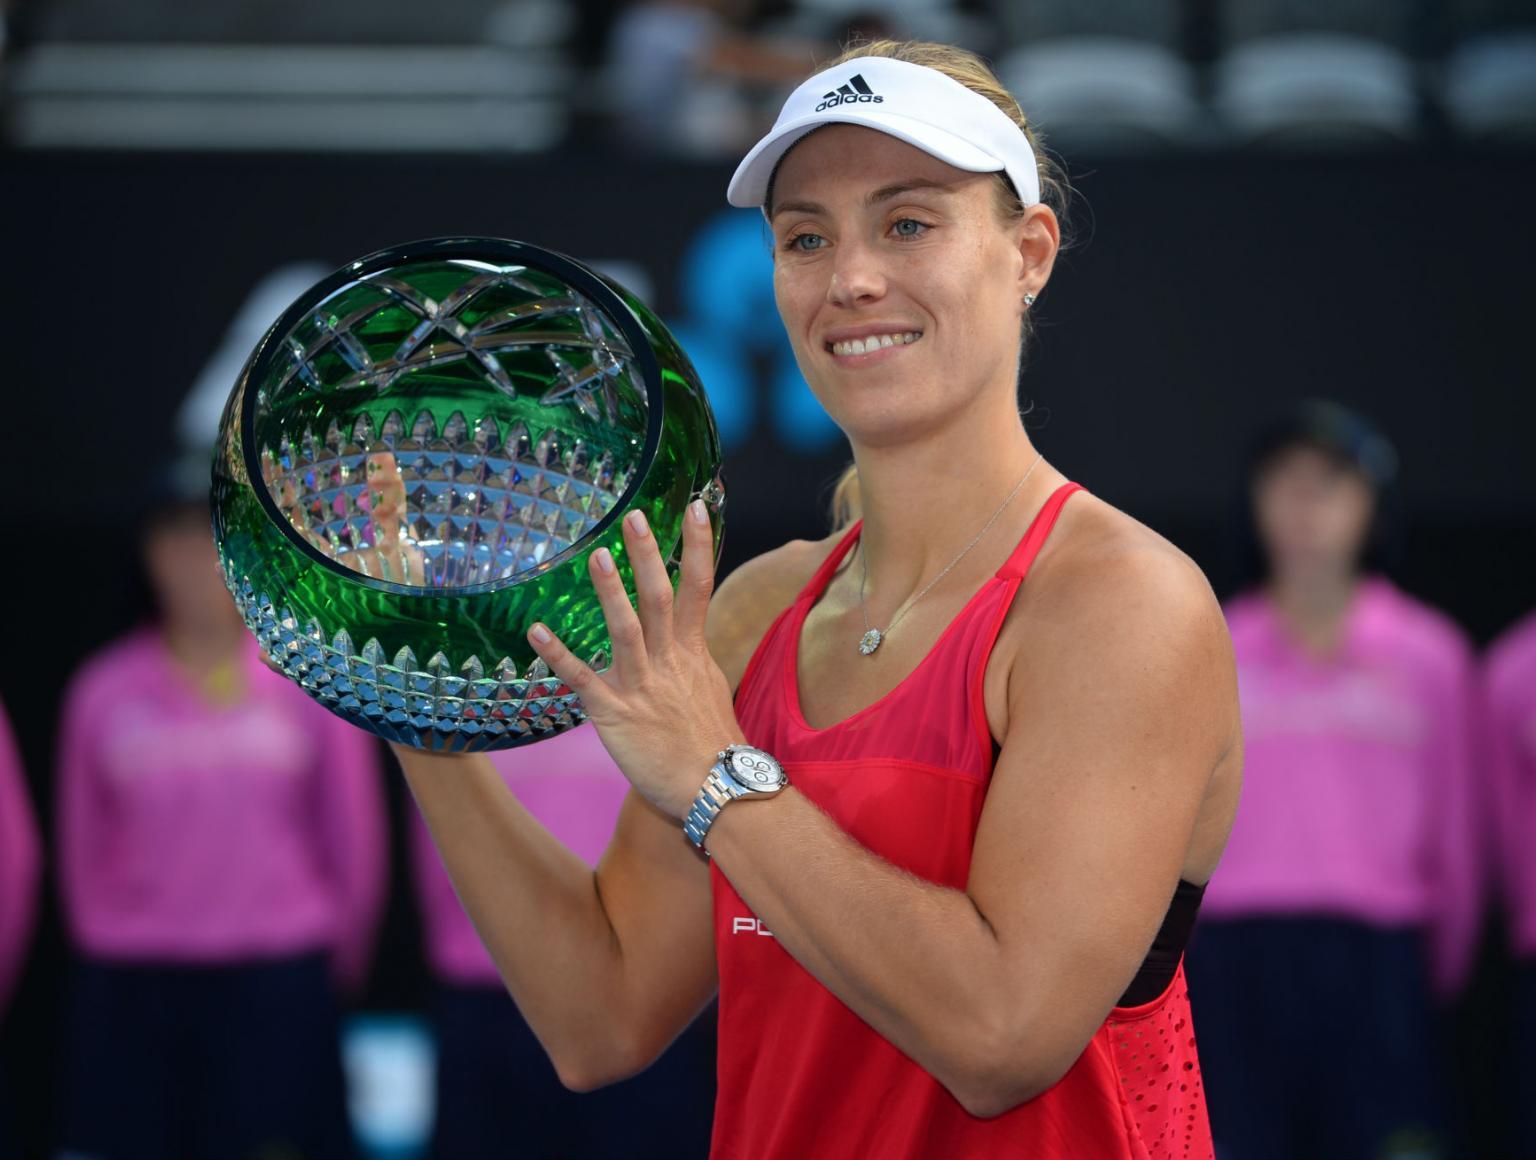 Australian Open 2018: дата, фавориты, денежный приз